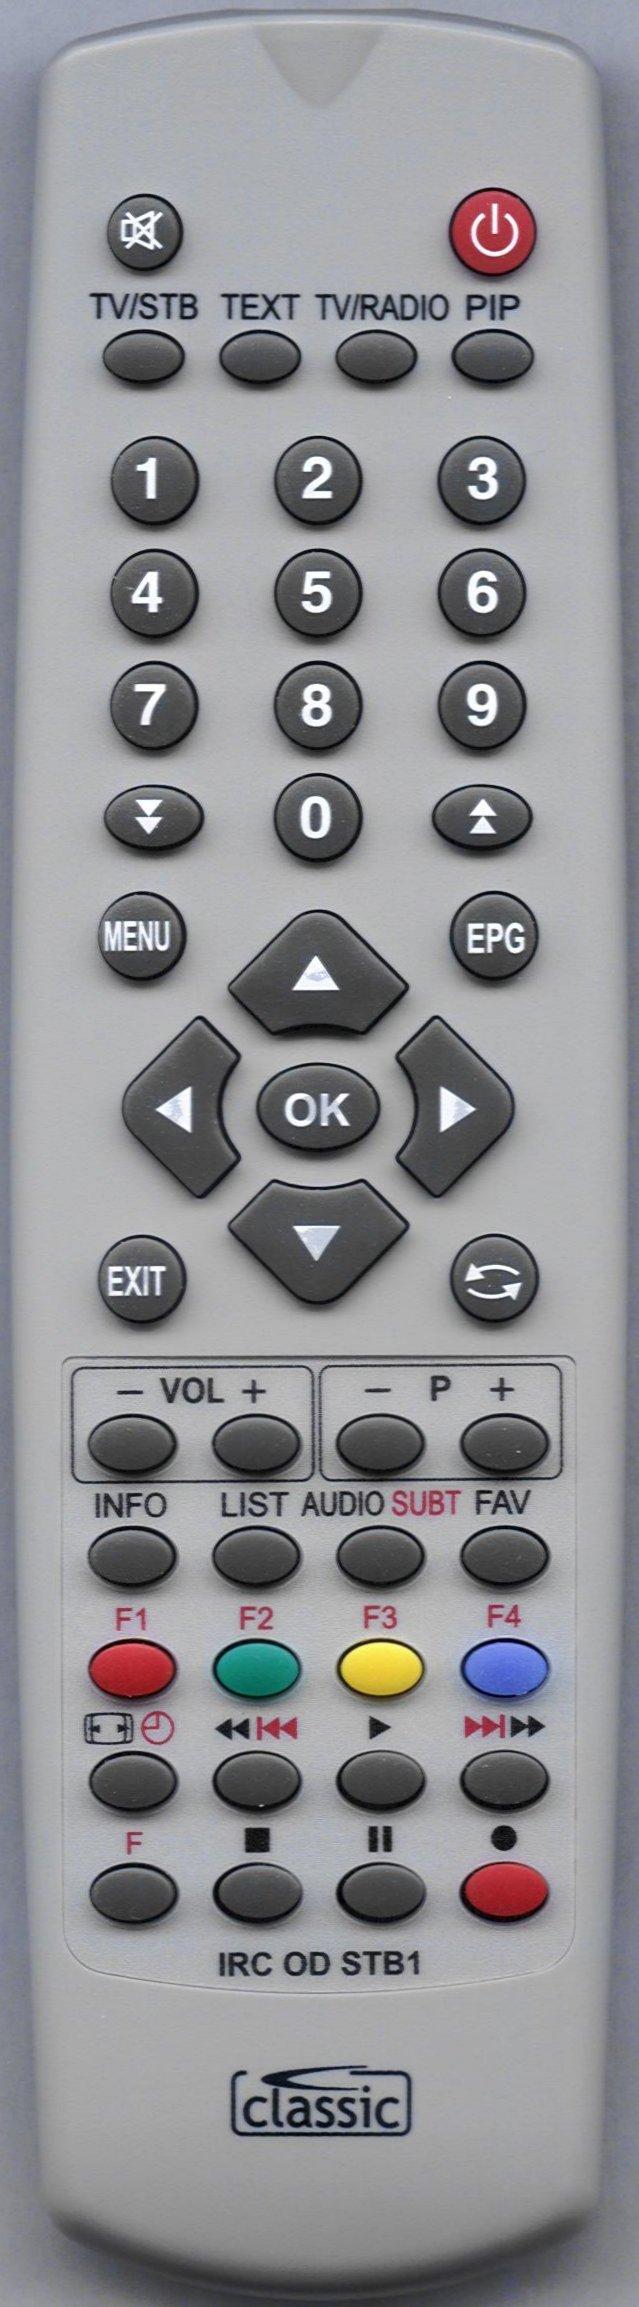 TOPFIELD TF 5100CI Remote Control